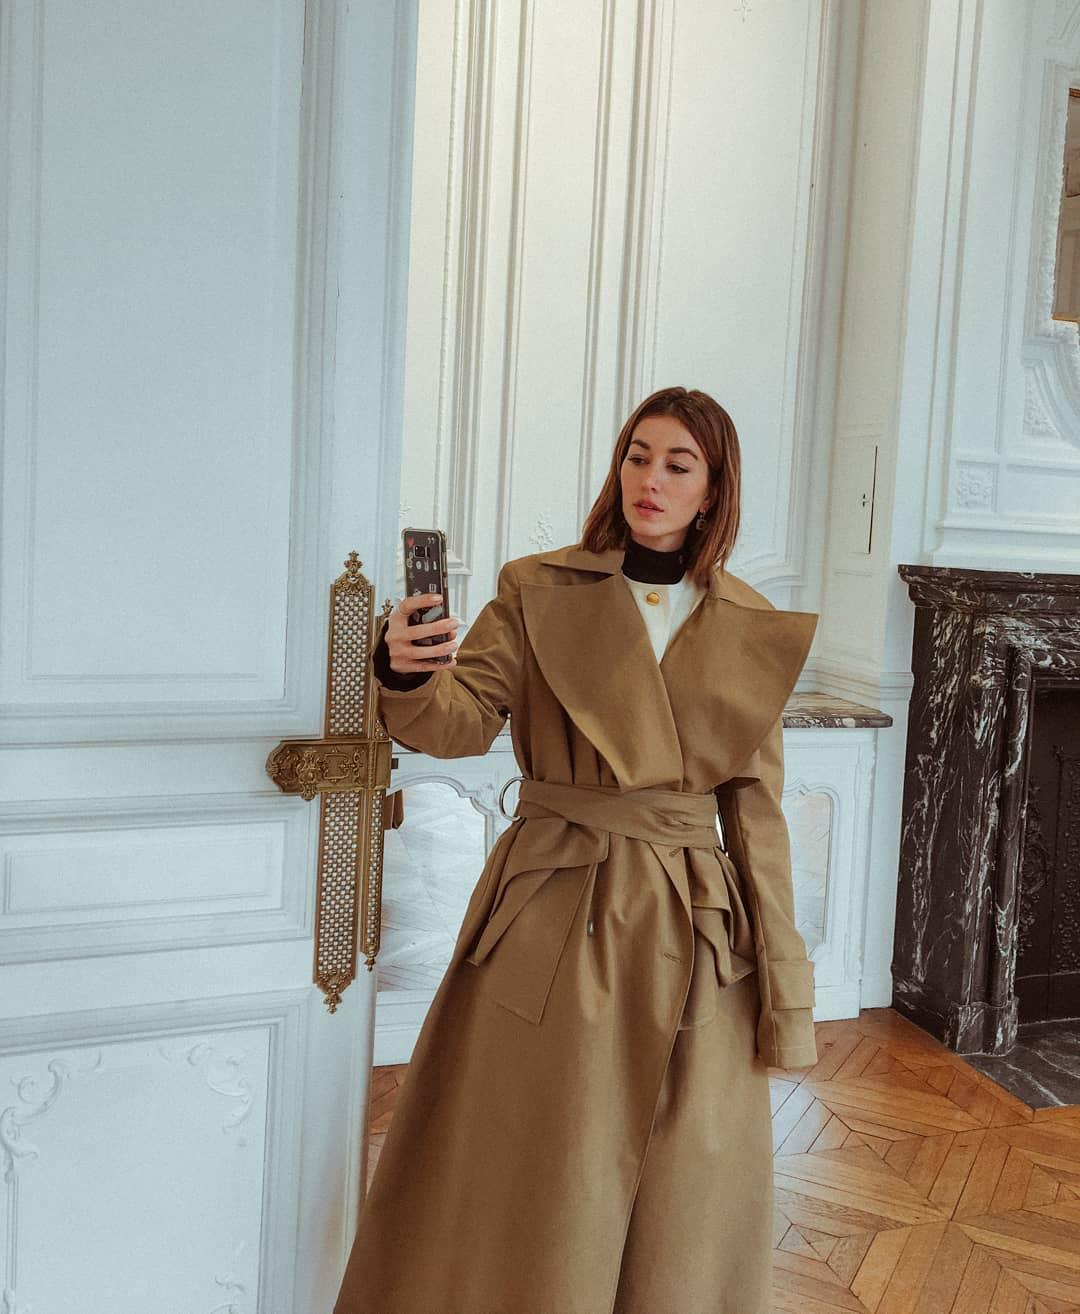 Huge deconstructed coat